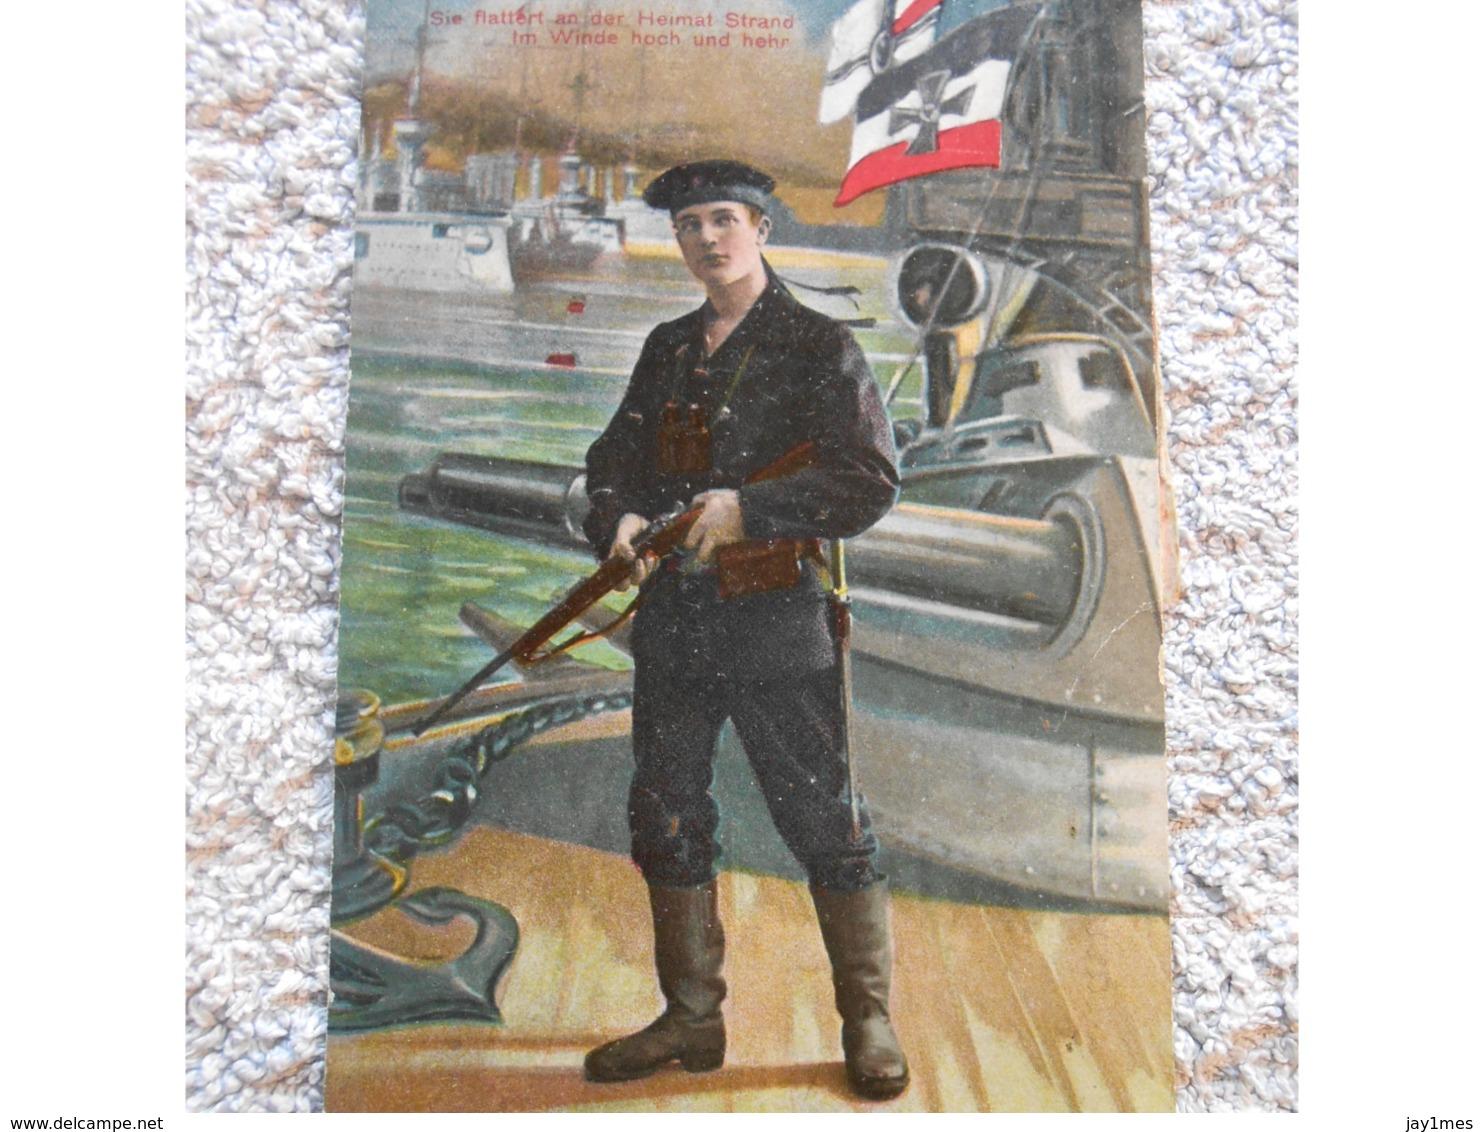 Cpa Pk Patriotika - Feldpost Propagande Deutschland  Ww1 Guerre 14-18  1wk - Oorlog 1914-18